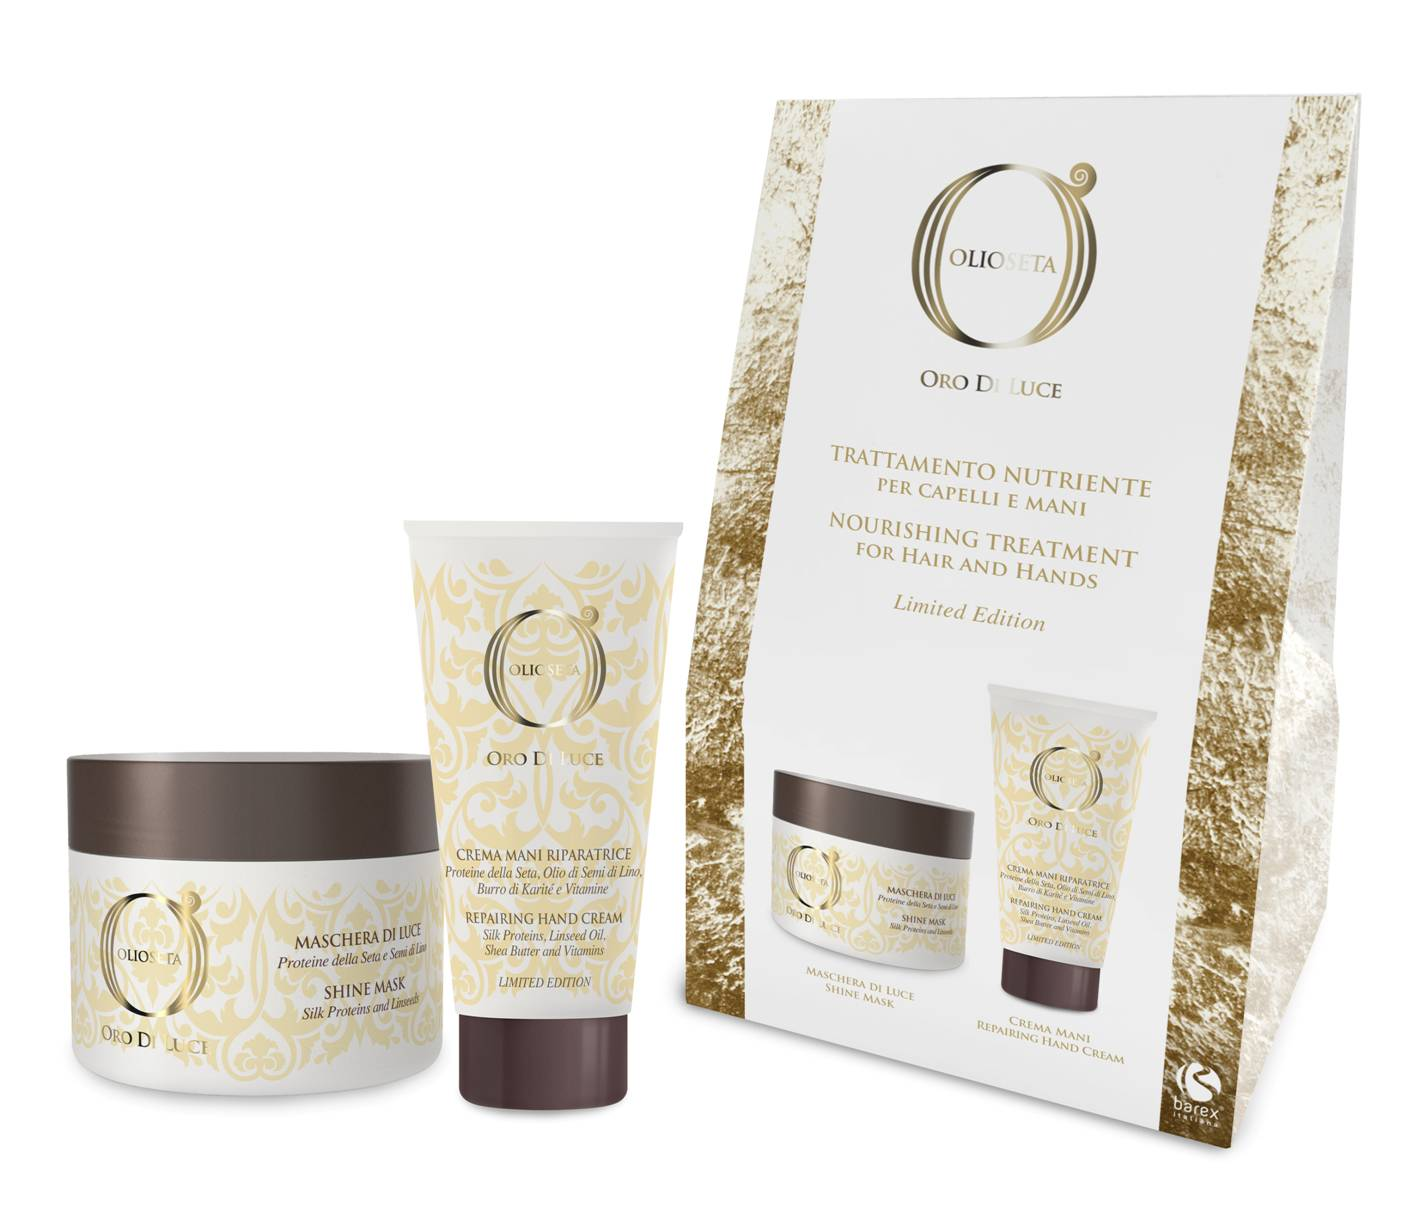 BAREX Набор Питательный уход для волос и кожи рук (маска-блеск 200 мл, крем для рук 75 мл) Oro Di Luce